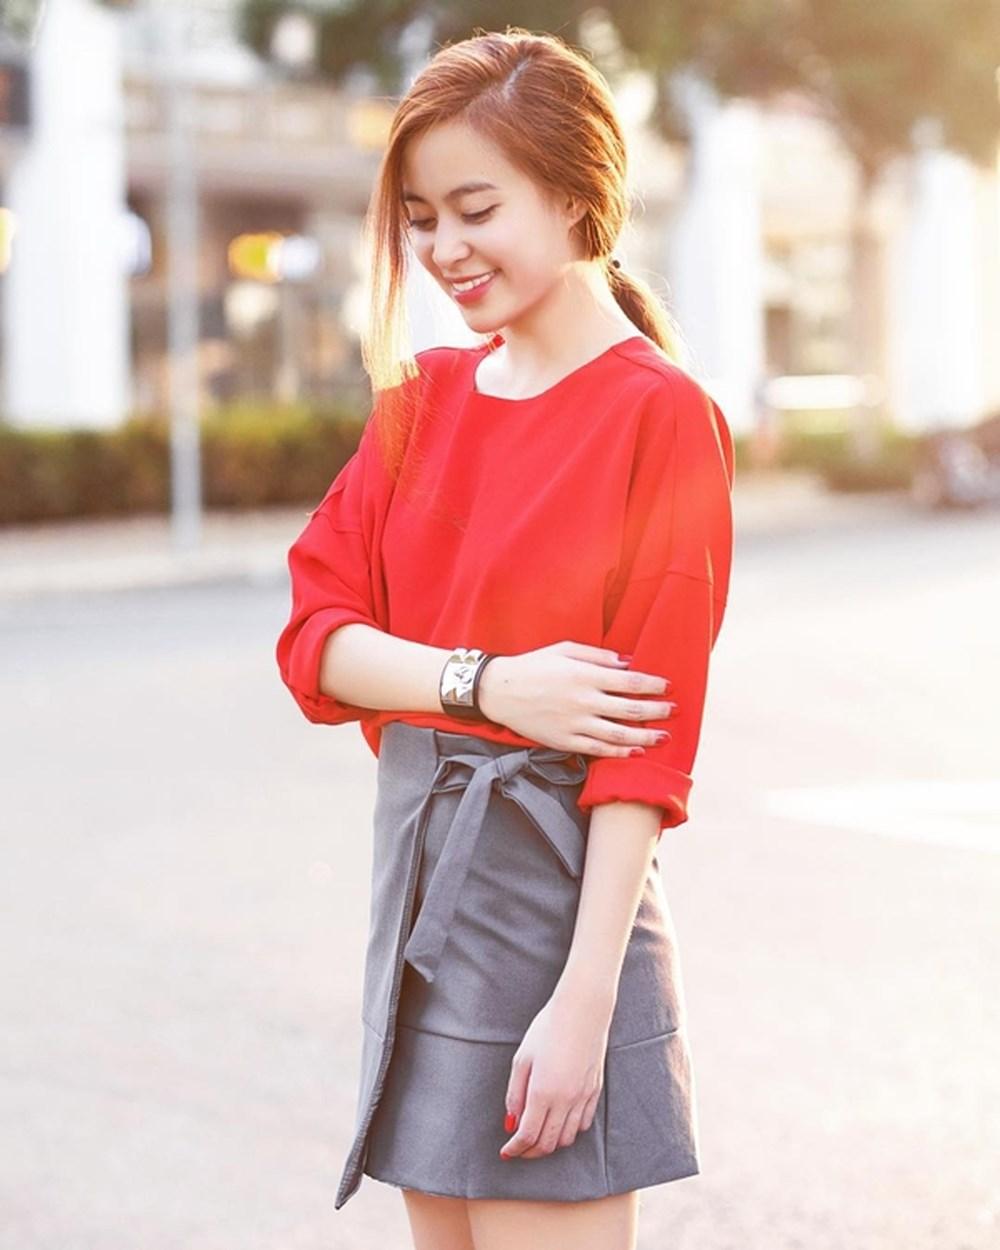 Mix áo đỏ cùng chân váy xám vô cùng nổi bật